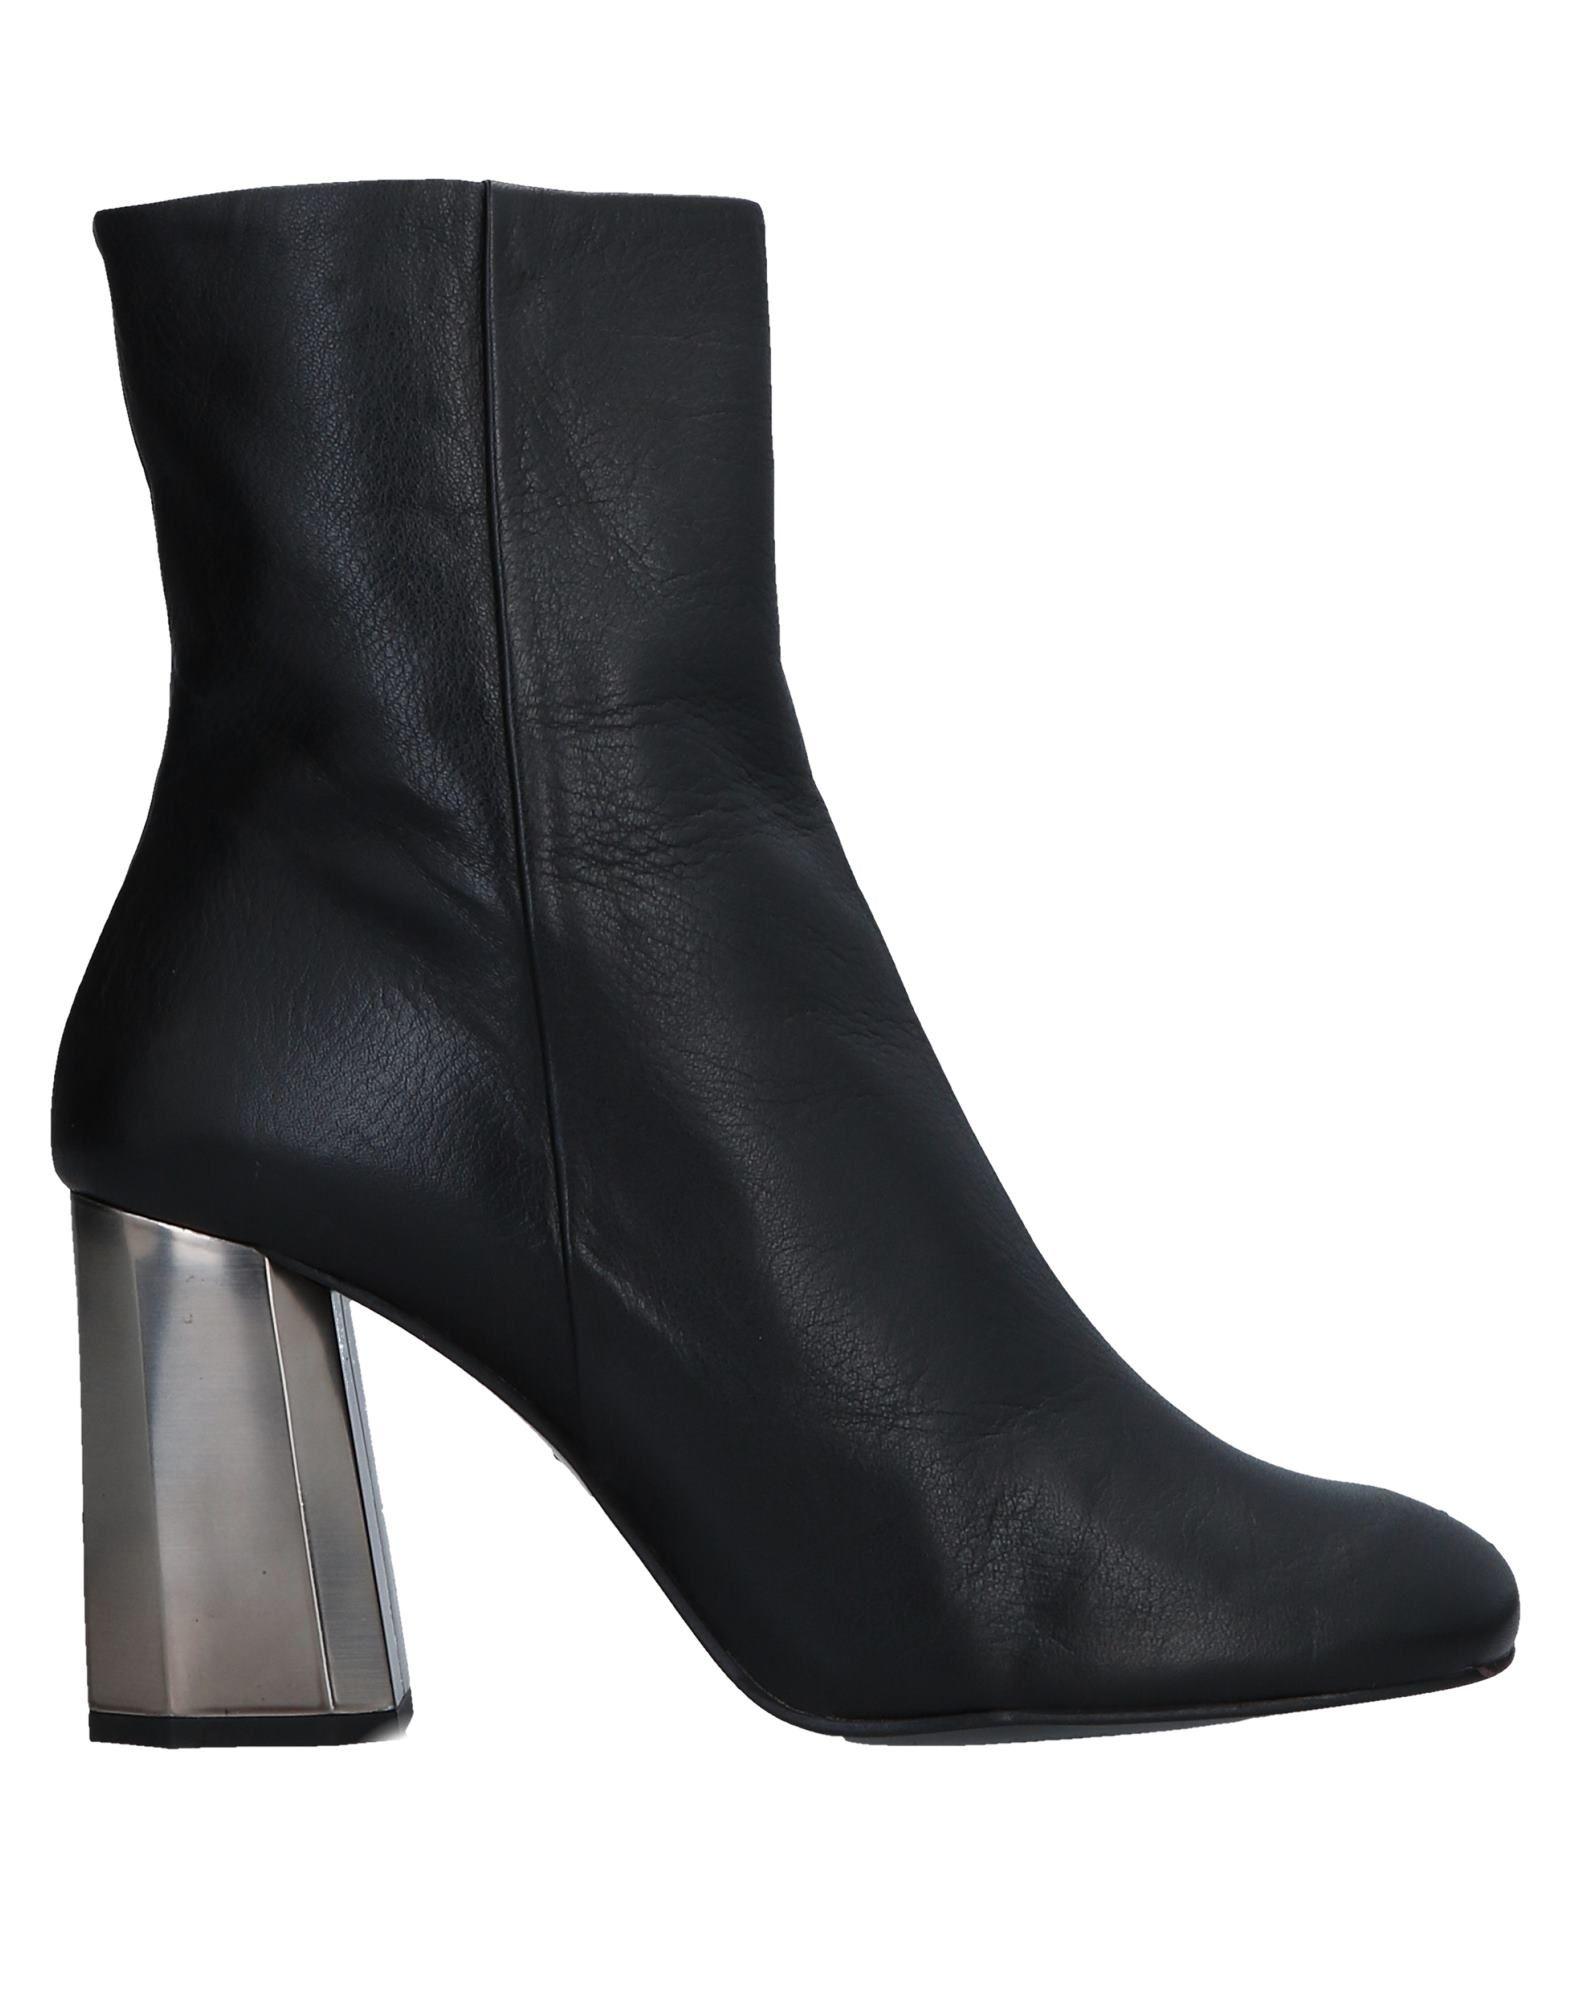 Bottine Cross Walk Femme - Bottines Cross Walk Noir Dernières chaussures discount pour hommes et femmes